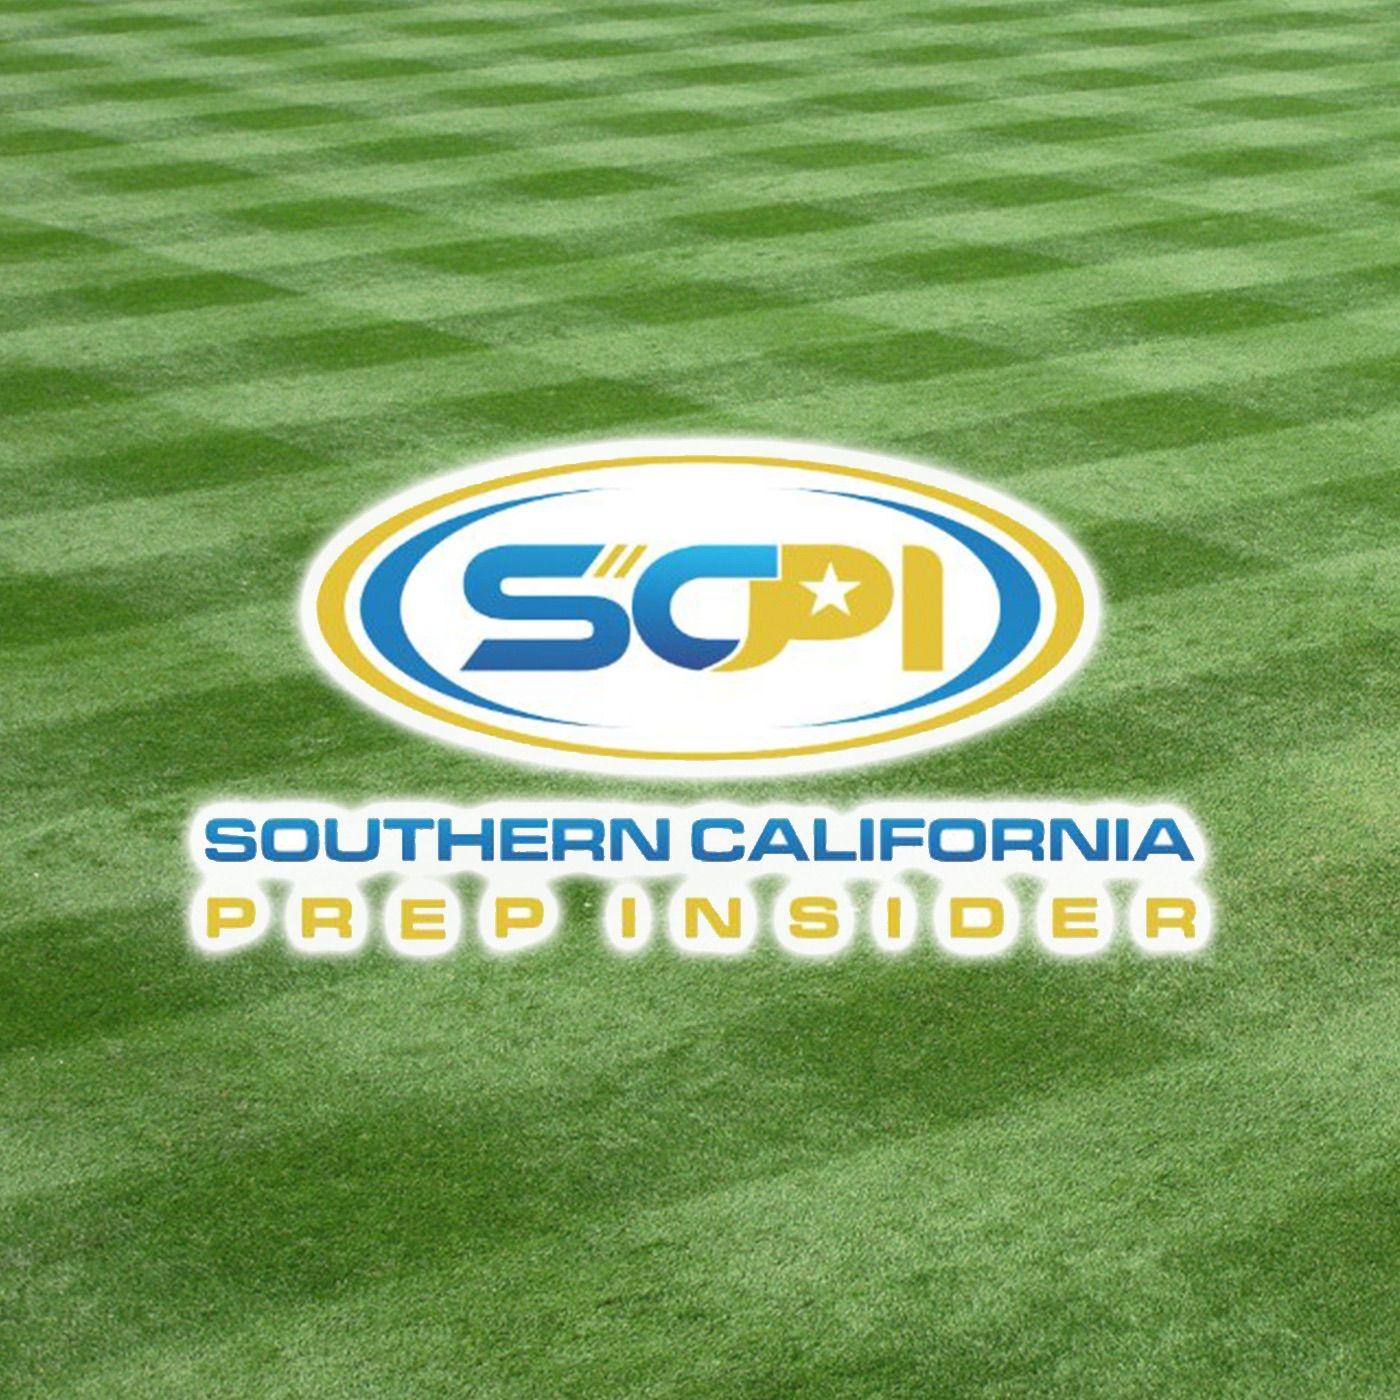 Mighty 1090 March 18th - 7pm - Bonita Vista Baseball